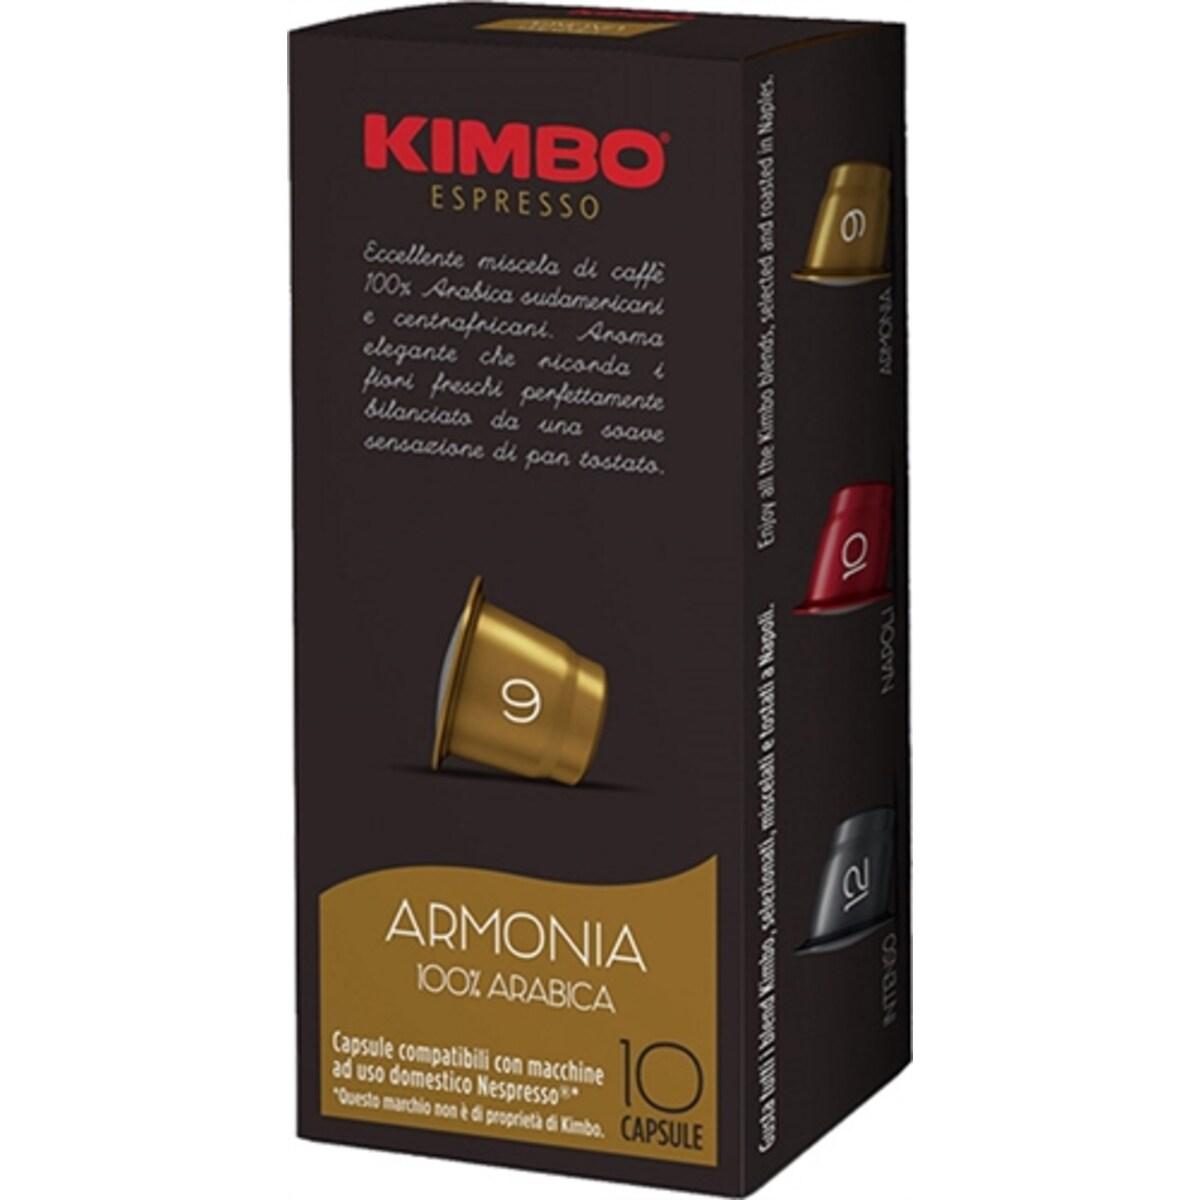 Kimbo Armonia капсули за Nespresso кафемашина